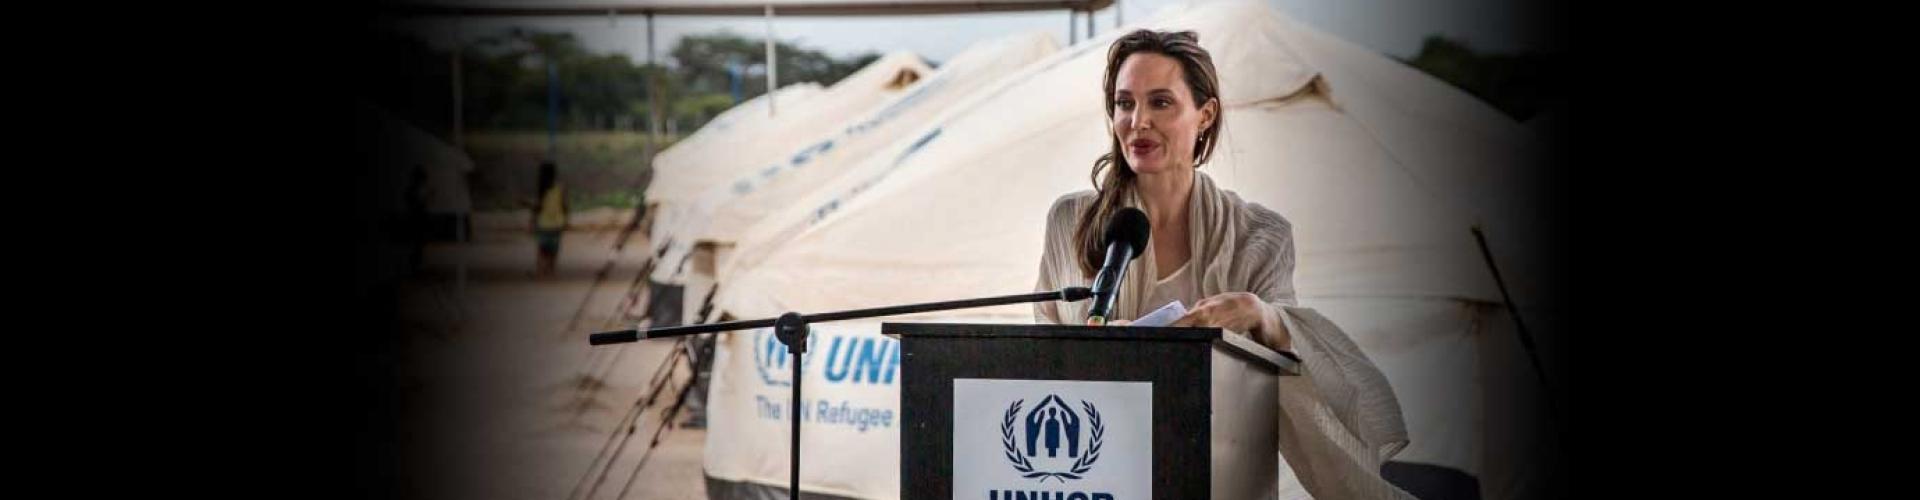 แถลงการณ์จากแองเจลิน่า โจลี ผู้แทนพิเศษฯ UNHCR กรณีผู้ลี้ภัยและผู้อพยพชาวเวเนซุเอลามีจำนวนสูงถึง 4 ล้านคน